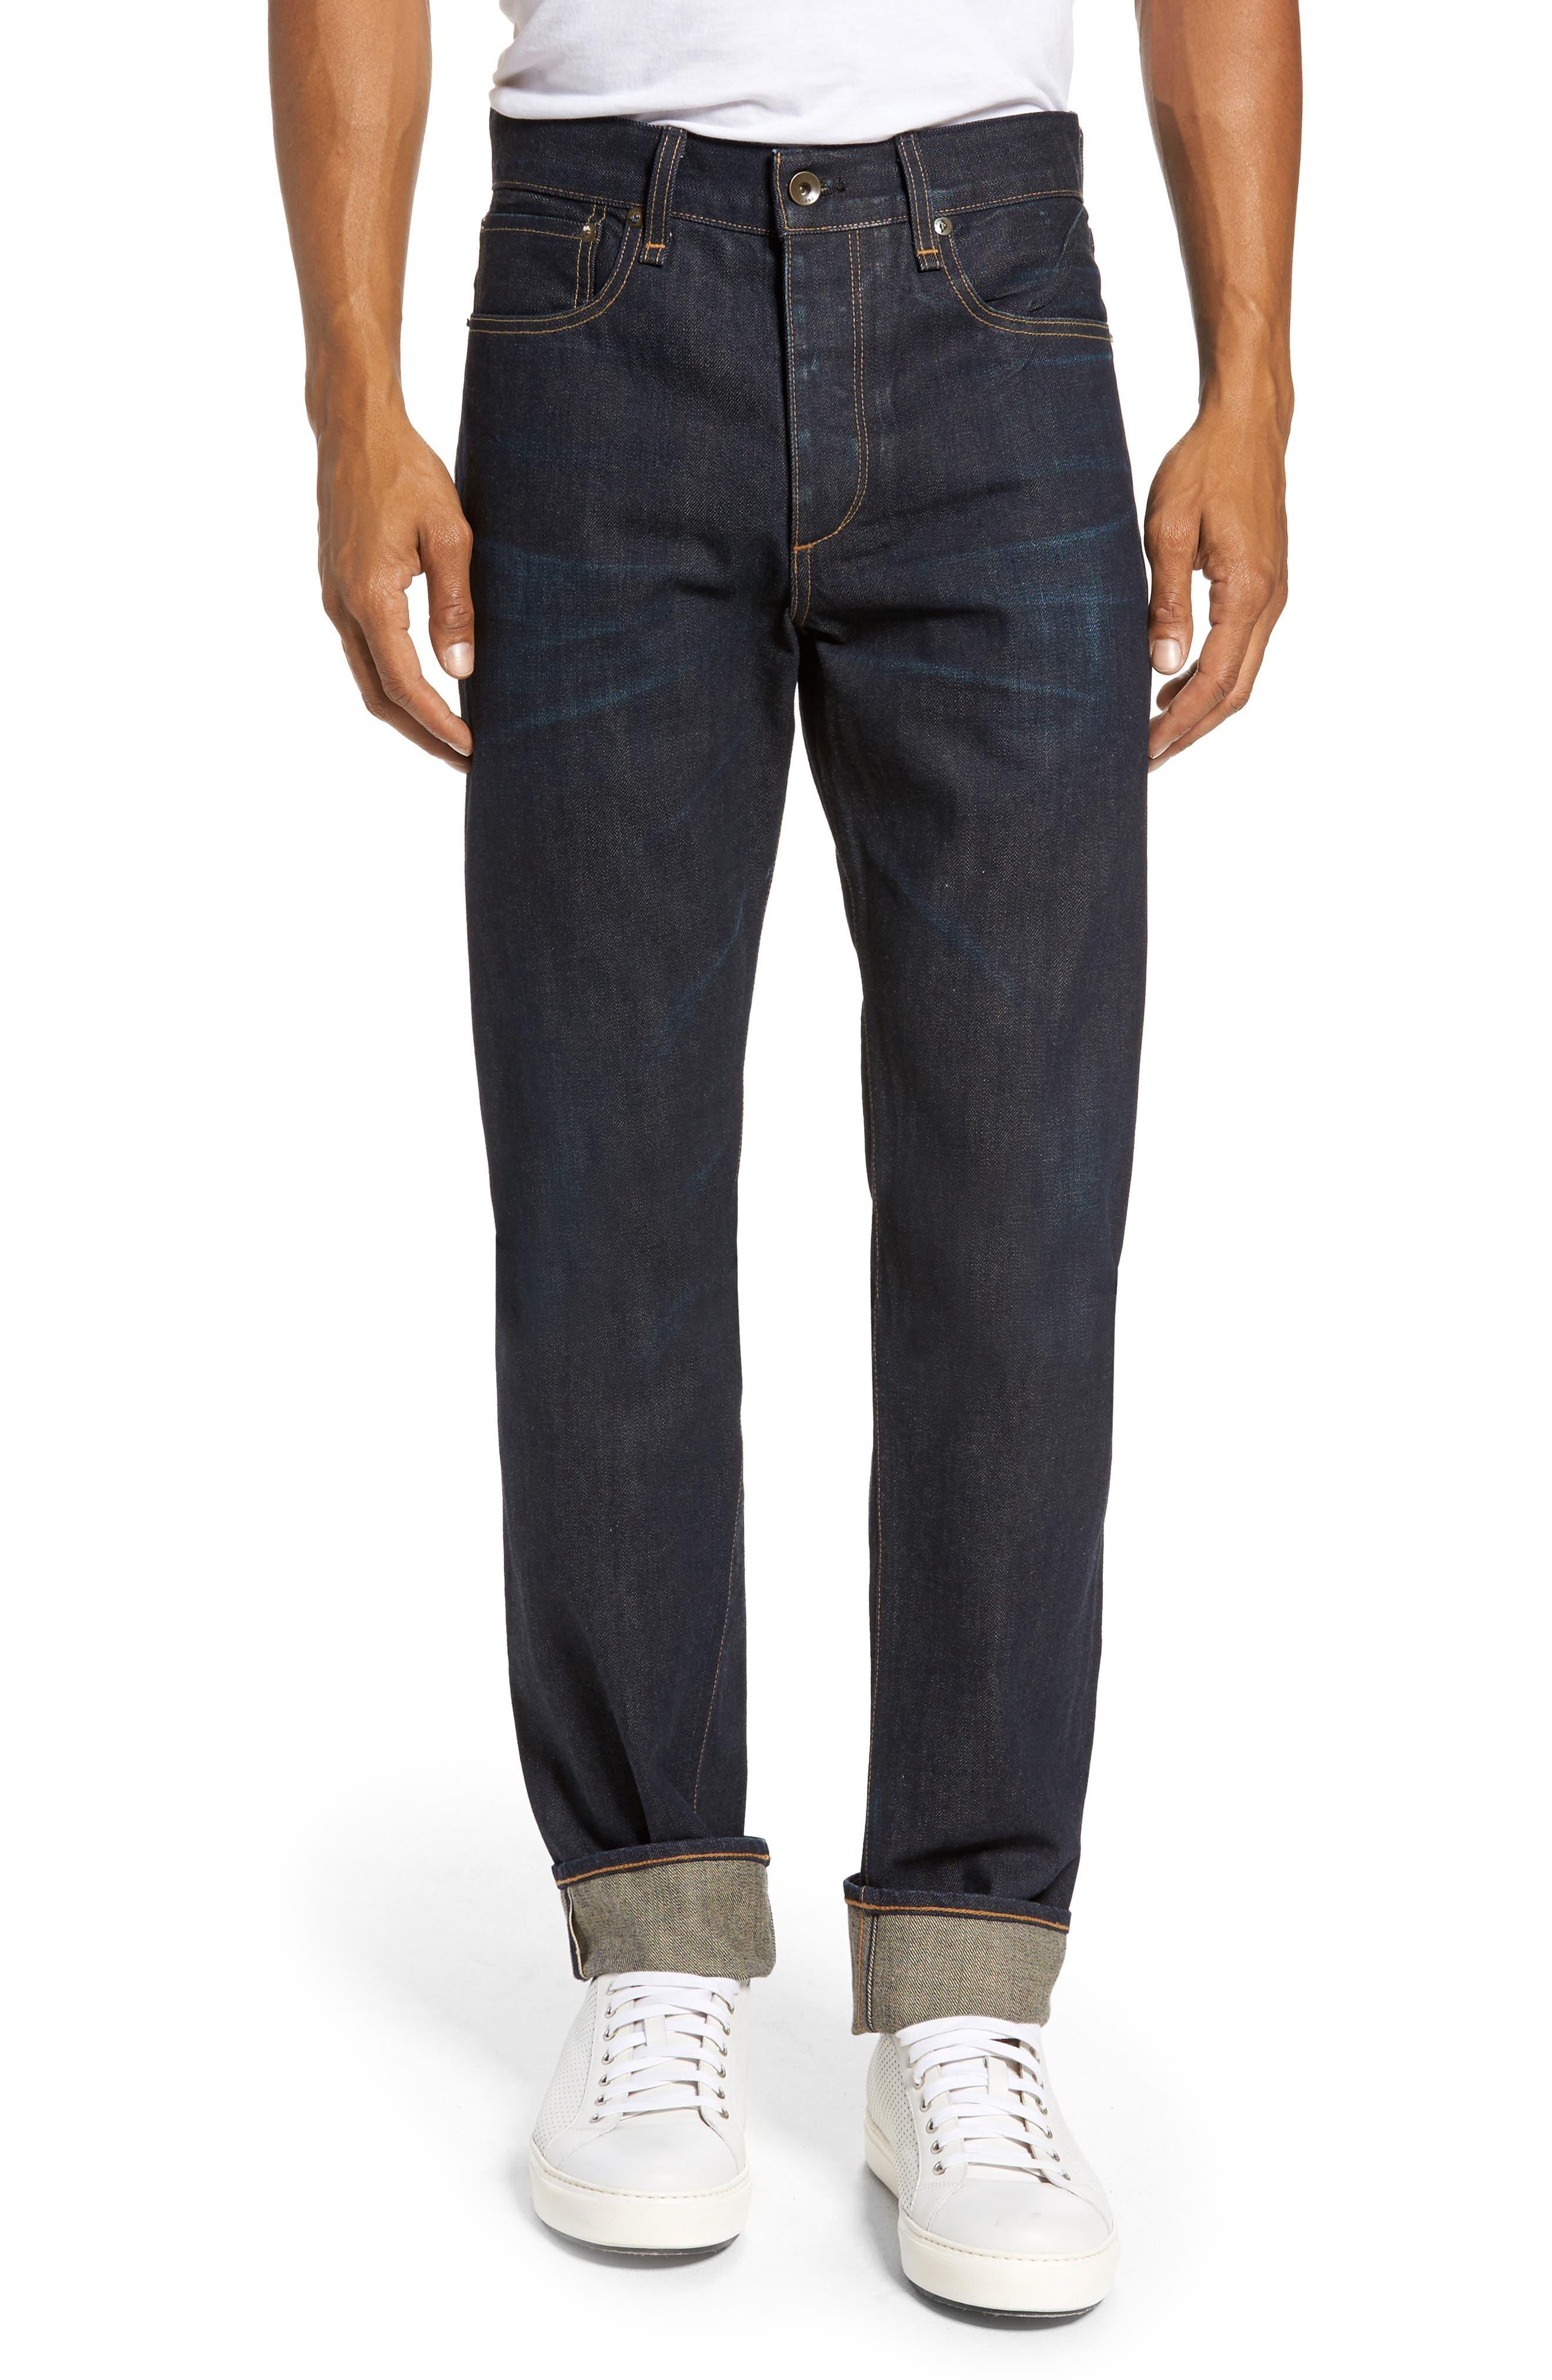 Fit 2 Slim Fit Jeans,                         Main,                         color, 452